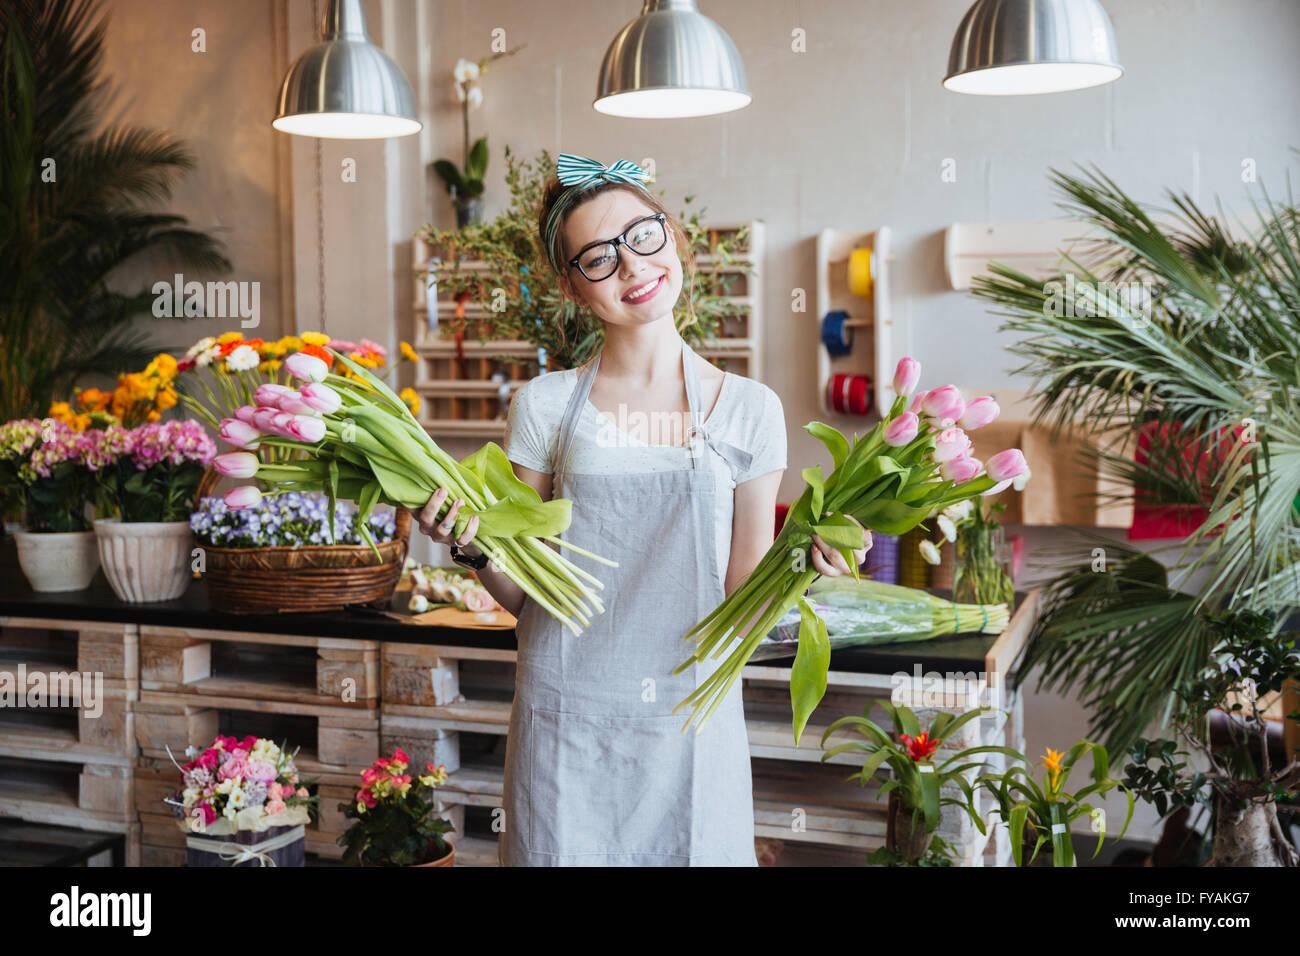 Charmante jeune femme gaie florist debout et tenant deux bouquets de tulipes roses in flower shop Photo Stock